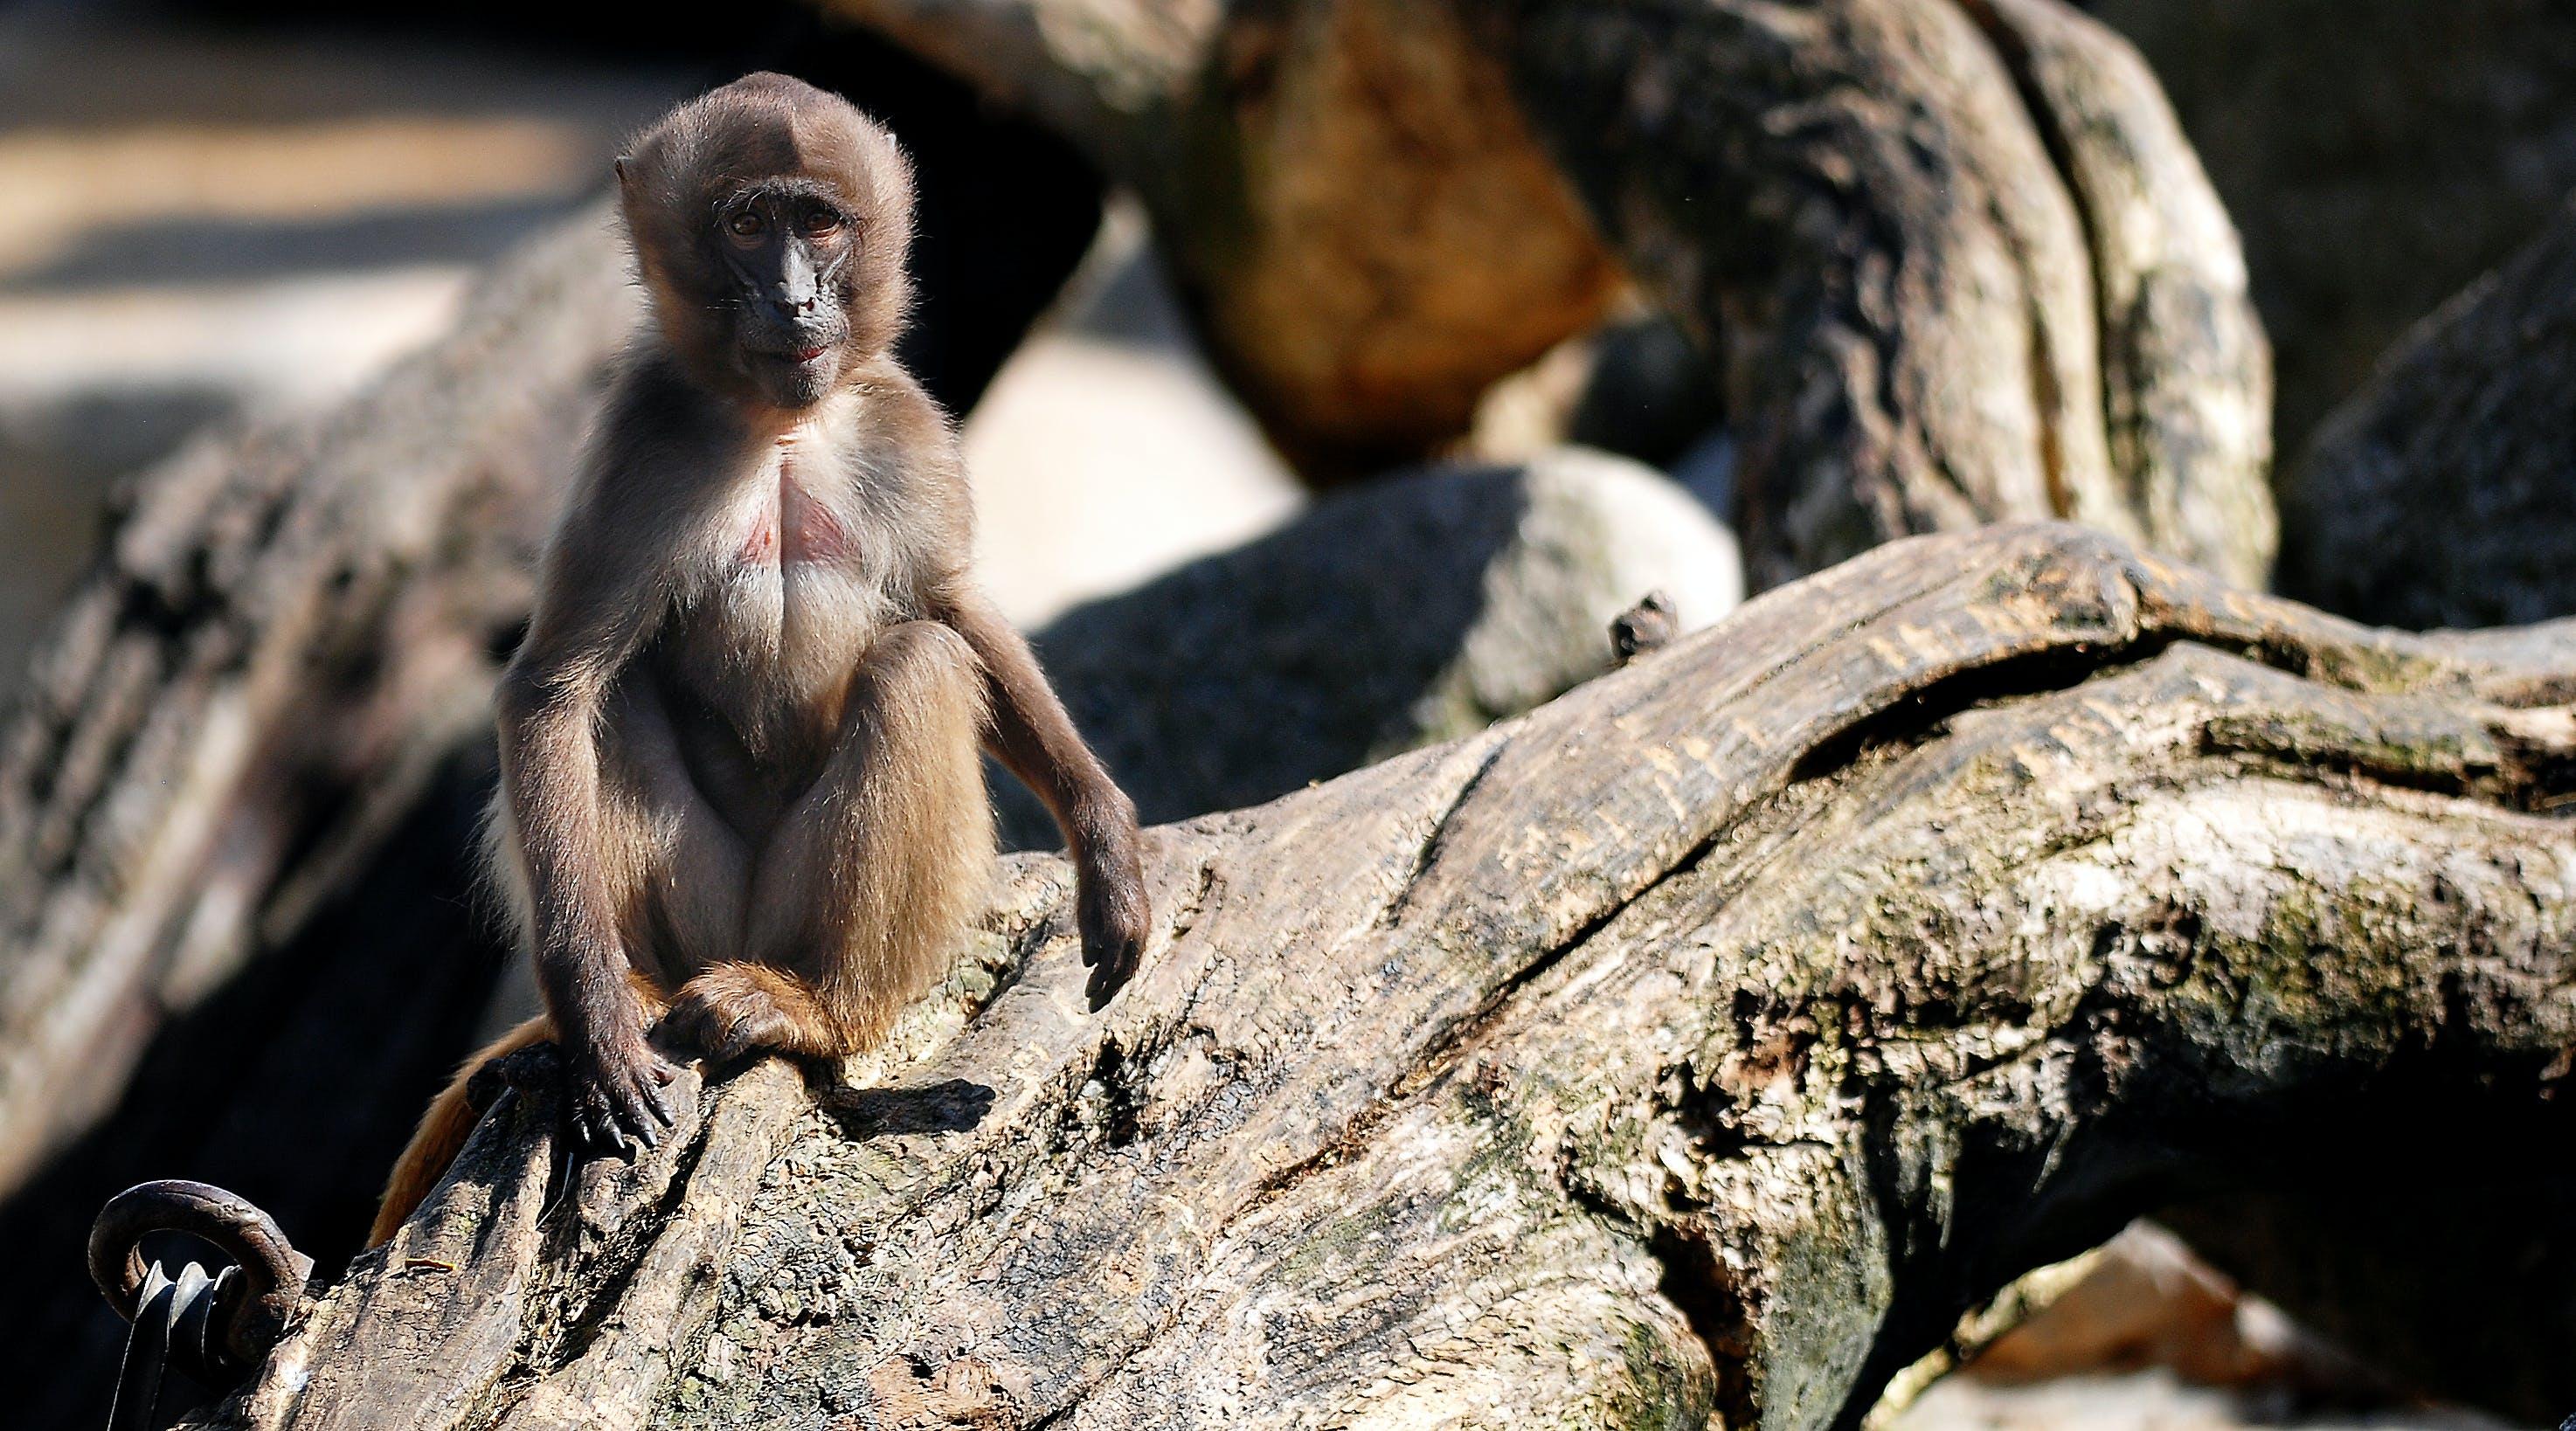 Monkey Sitting on Tree Log